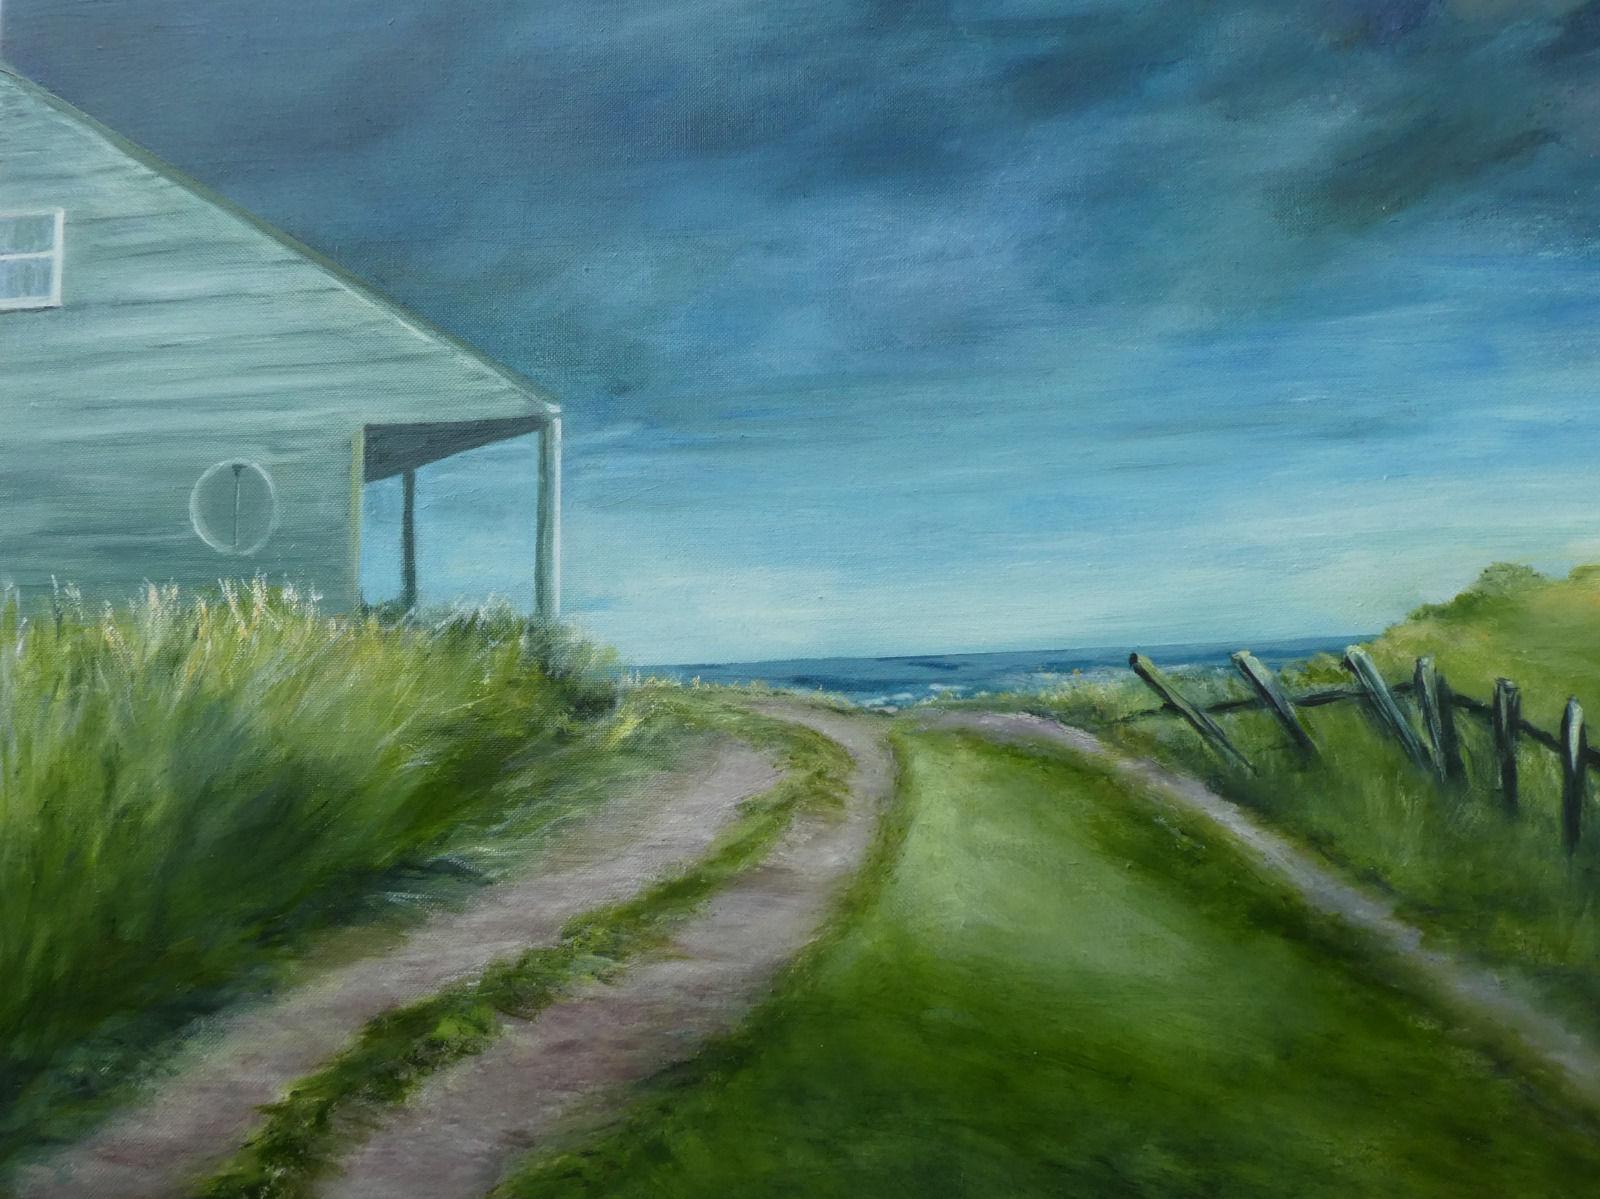 House on the edge (80 x 60)